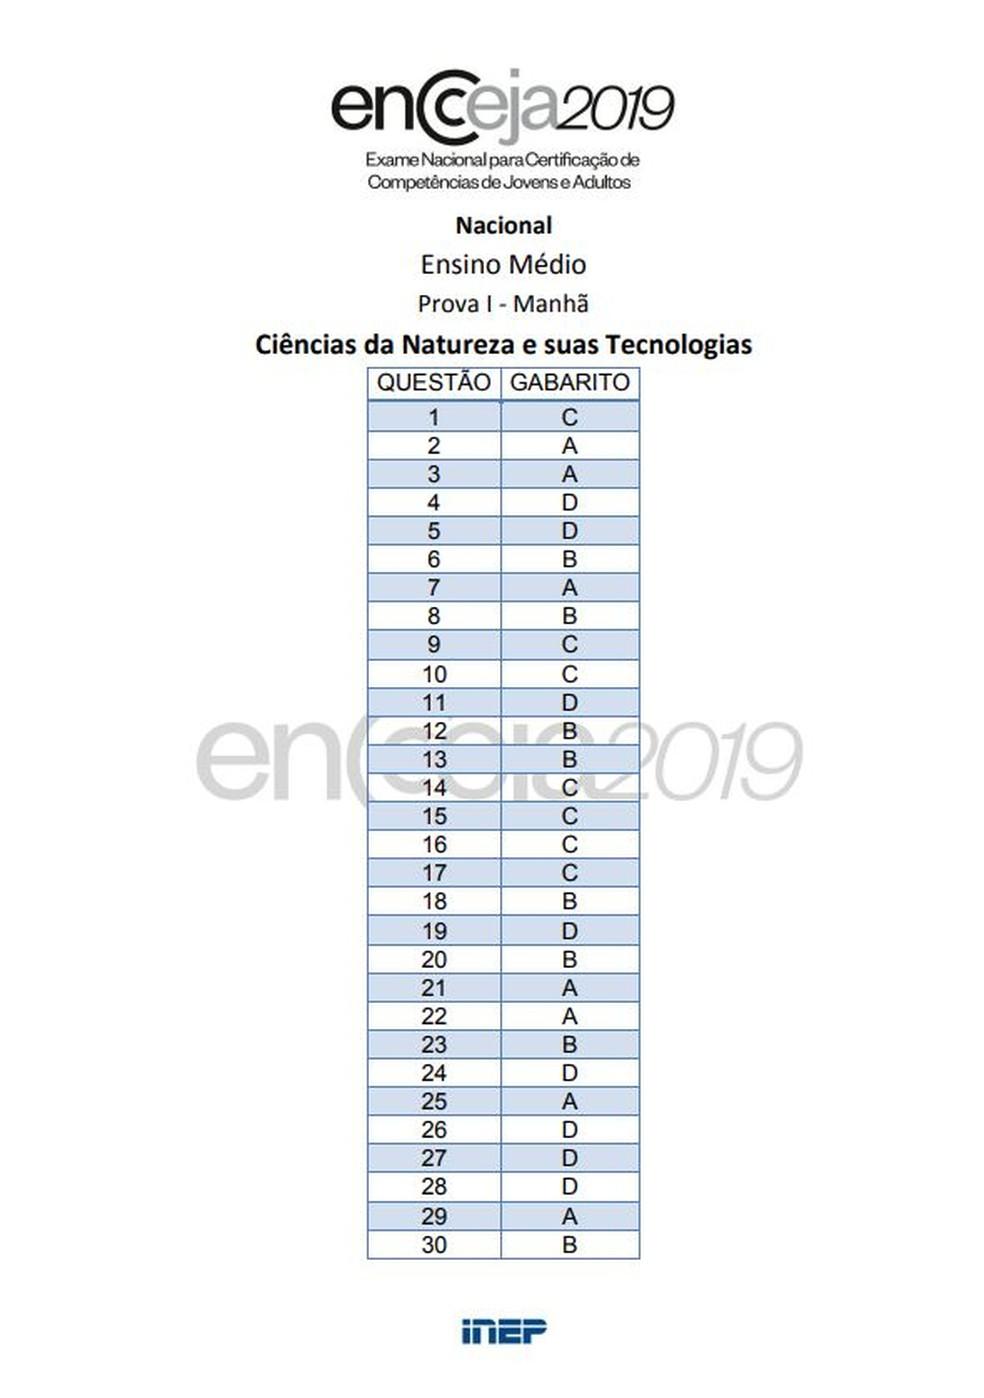 Gabarito Encceja 2019 ensino médio: prova de ciências da natureza — Foto: Reprodução/Inep